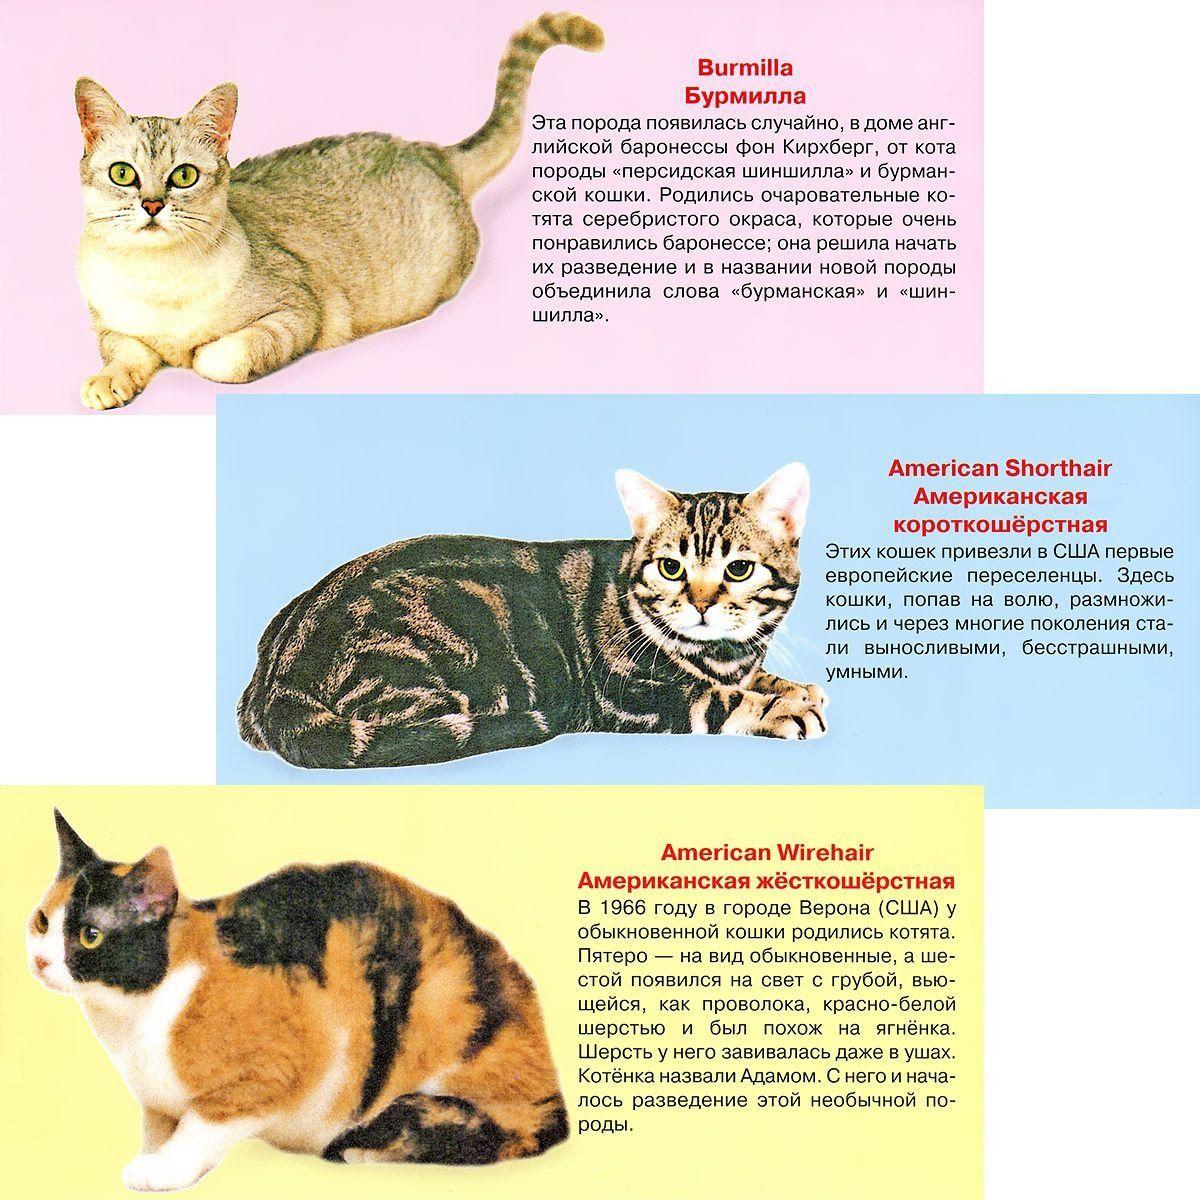 Узнай киску. Набор карточекВоспитателю ДОО<br>Вашему вниманию предлагается пособие Узнай киску с описанием пород кошек.В наборе 25 карточек.Материал: мелованный картон.<br><br>Год: 2016<br>Высота: 95<br>Ширина: 210<br>Толщина: 10